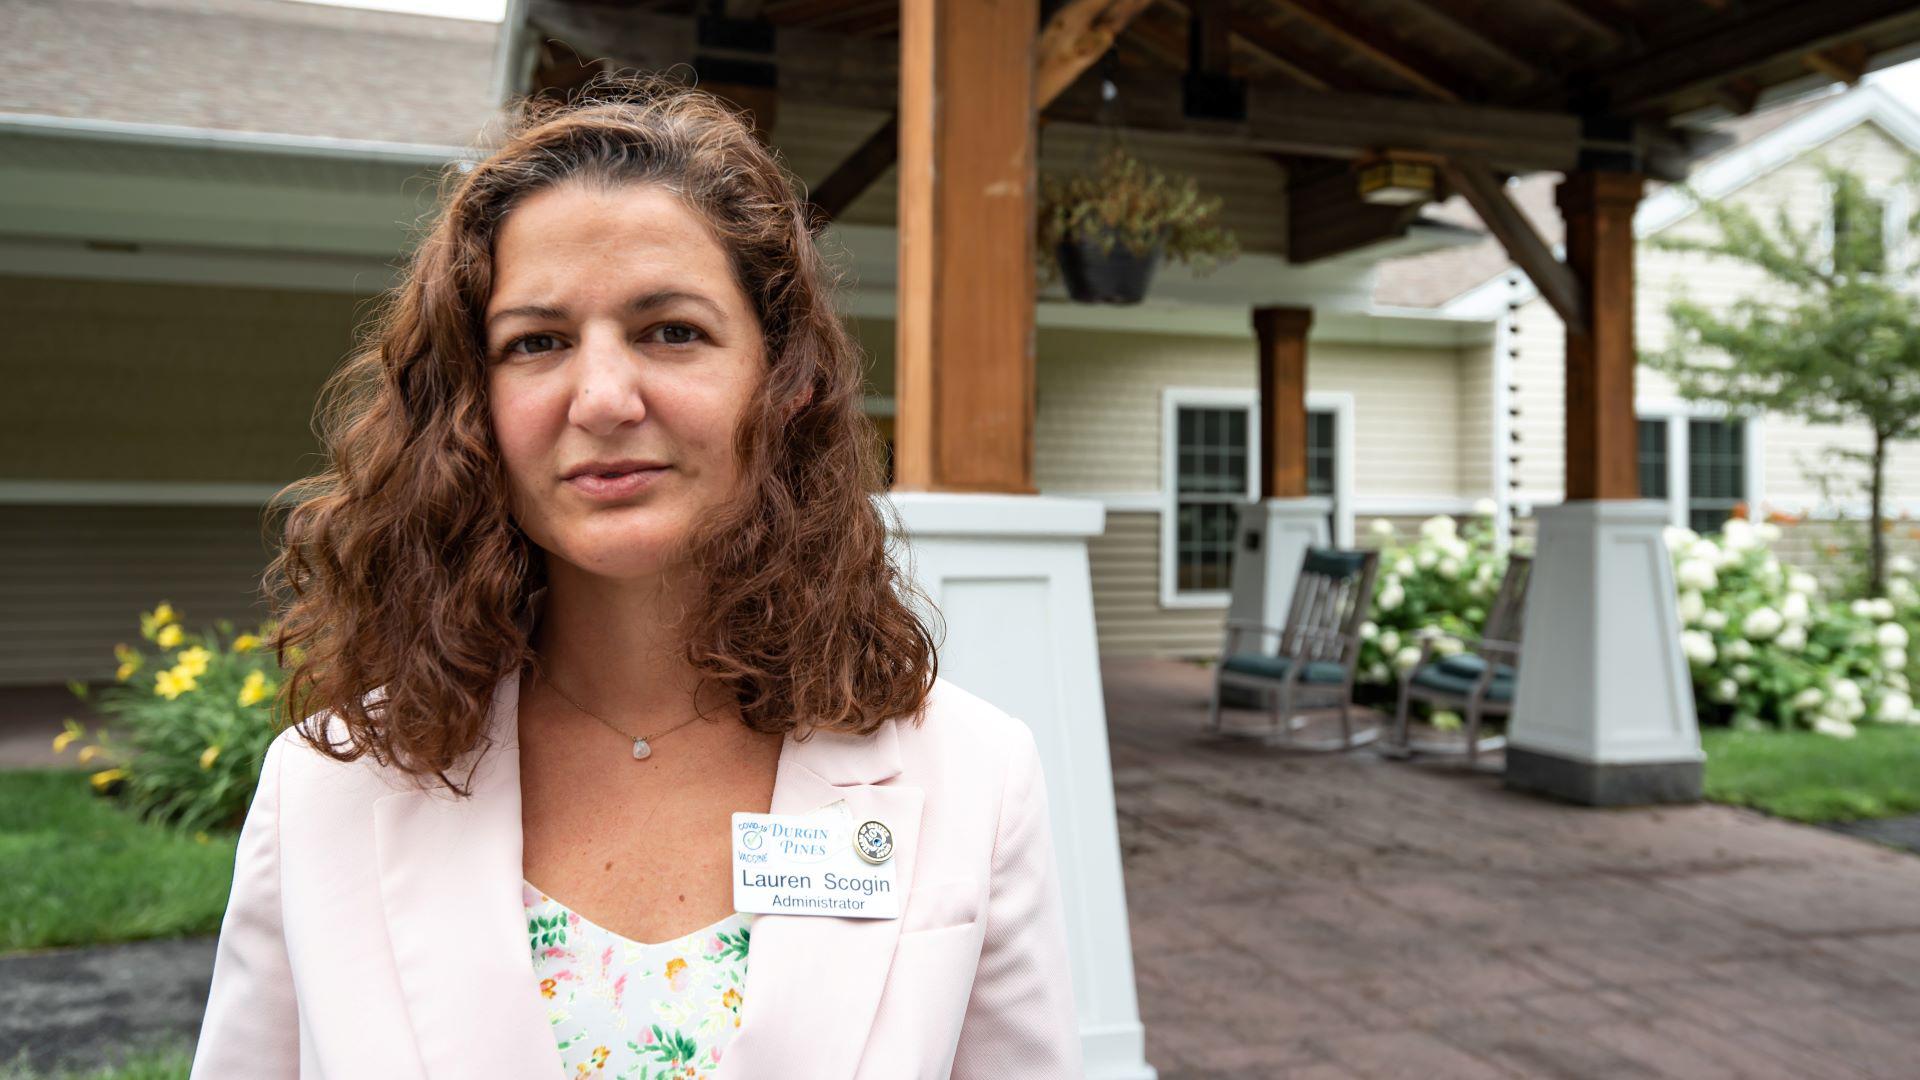 Lauren Scogin in front of Durgin Pines facility